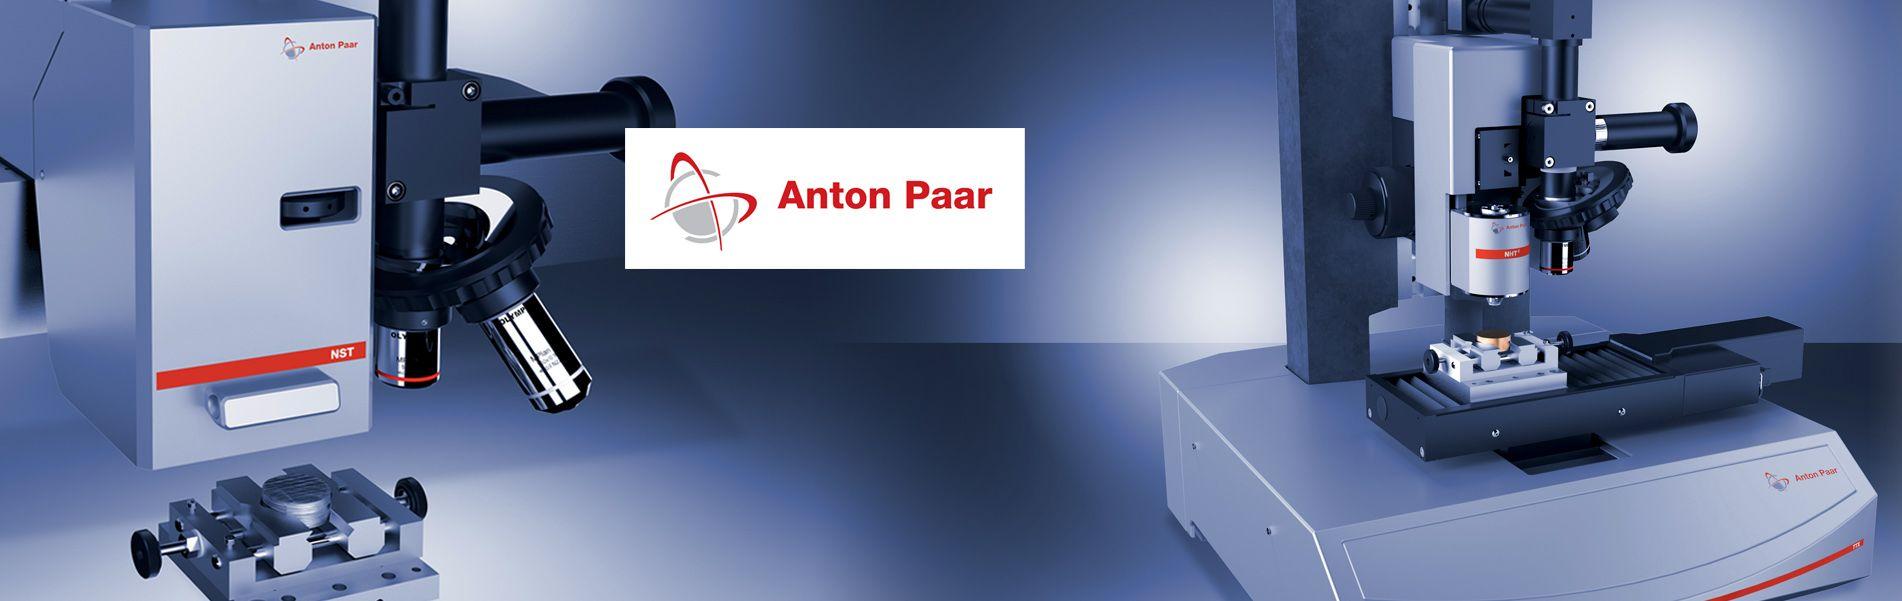 Banner_Site_2014_Anton_Paar_2